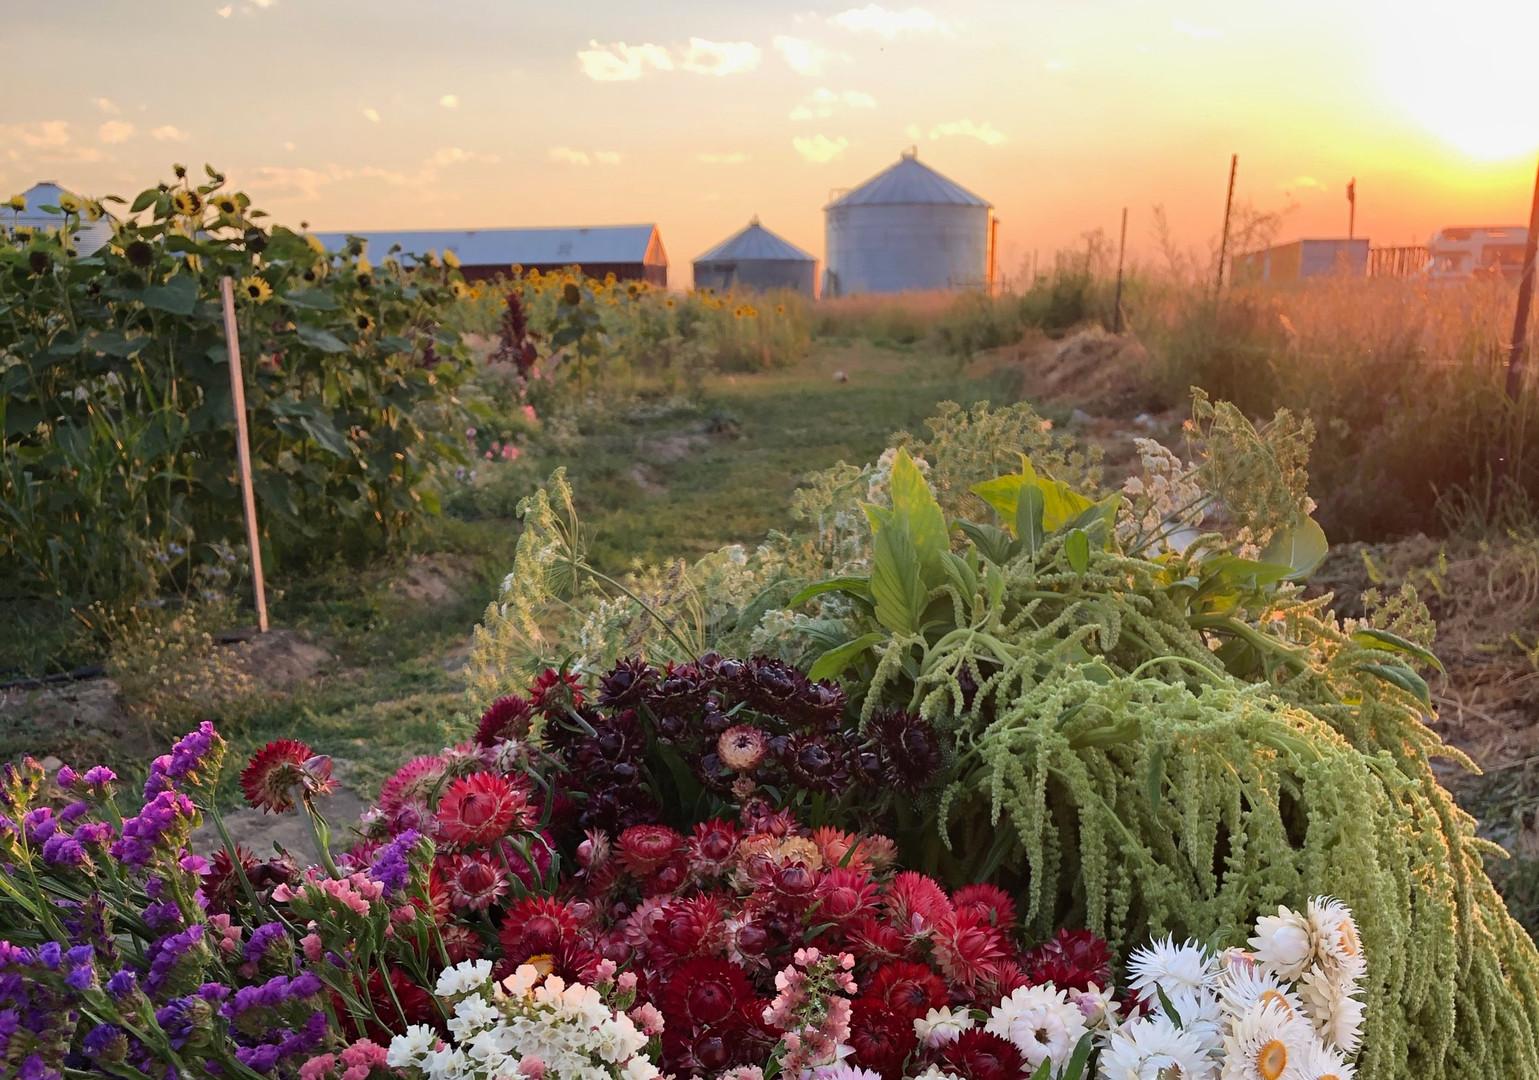 Mid summer field at Alberta Girl Acres